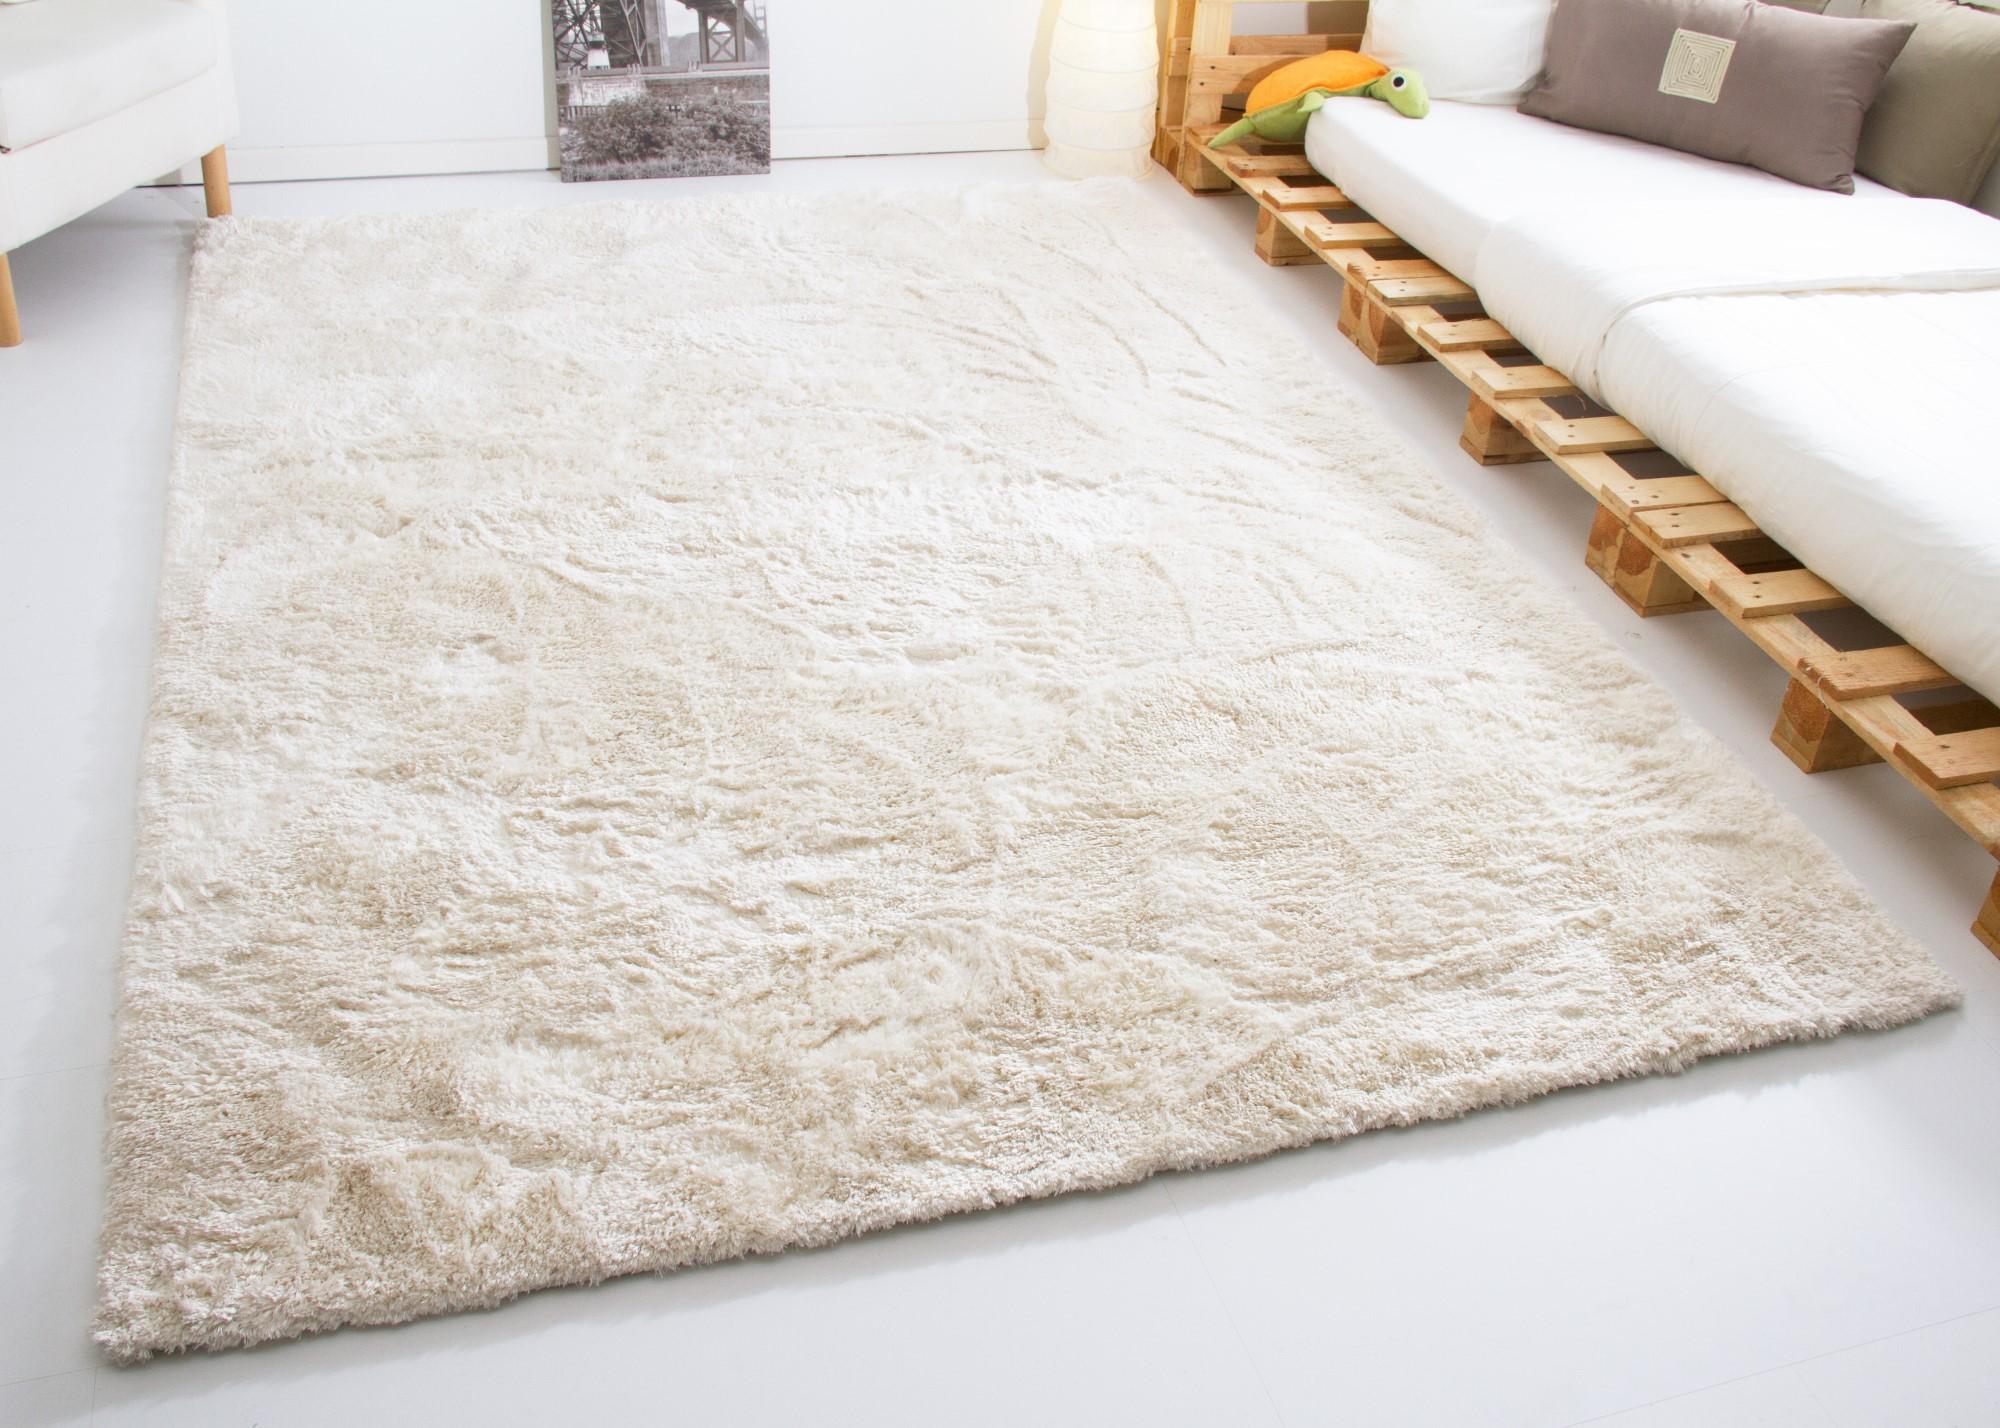 sch ner wohnen designer teppich harmony kuschelflor braun silber beige wei ebay. Black Bedroom Furniture Sets. Home Design Ideas